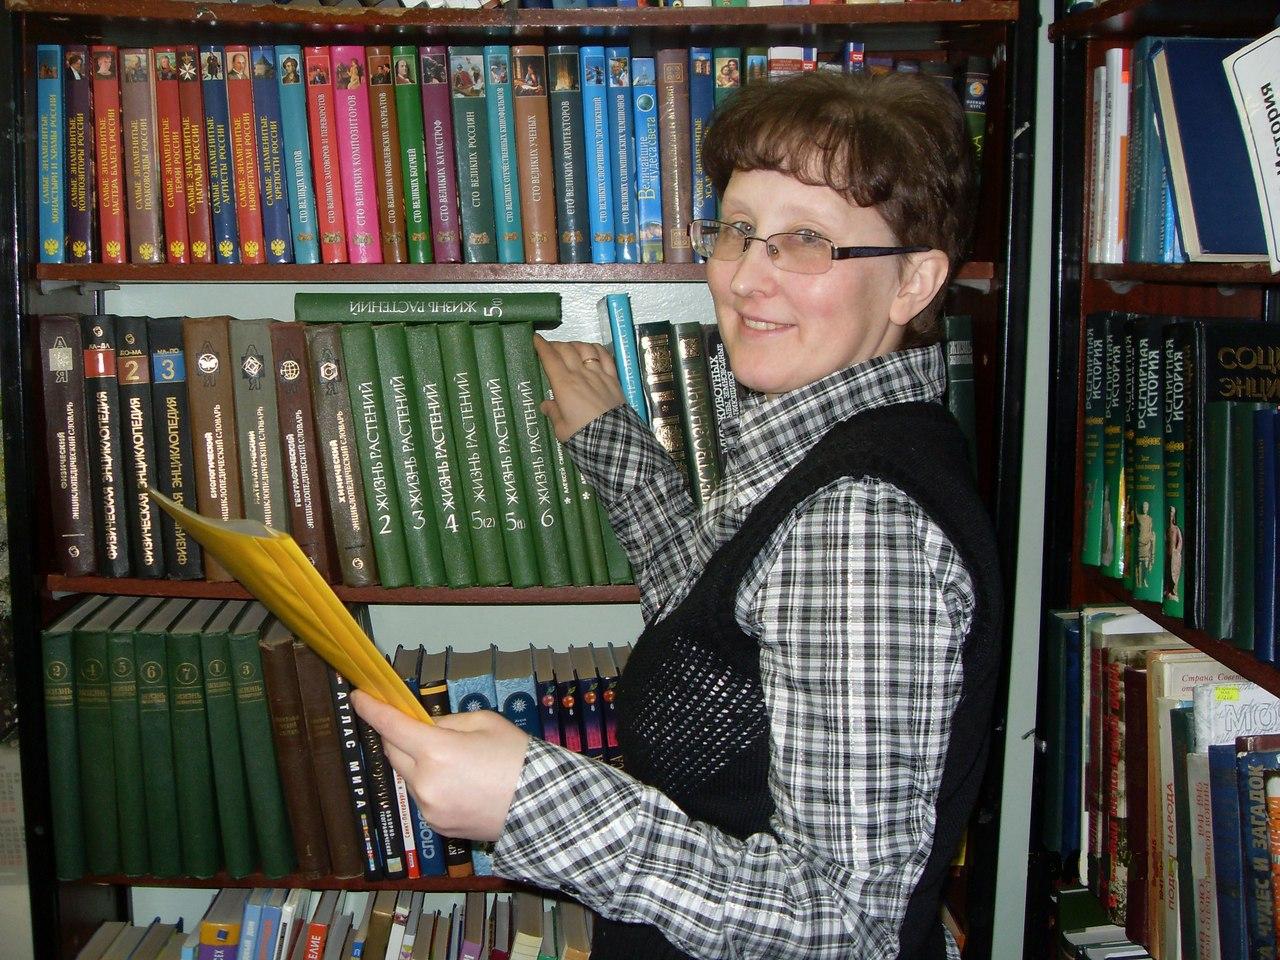 Библиотека села Ыб выиграла международный грант, на который приобрела православную литературу